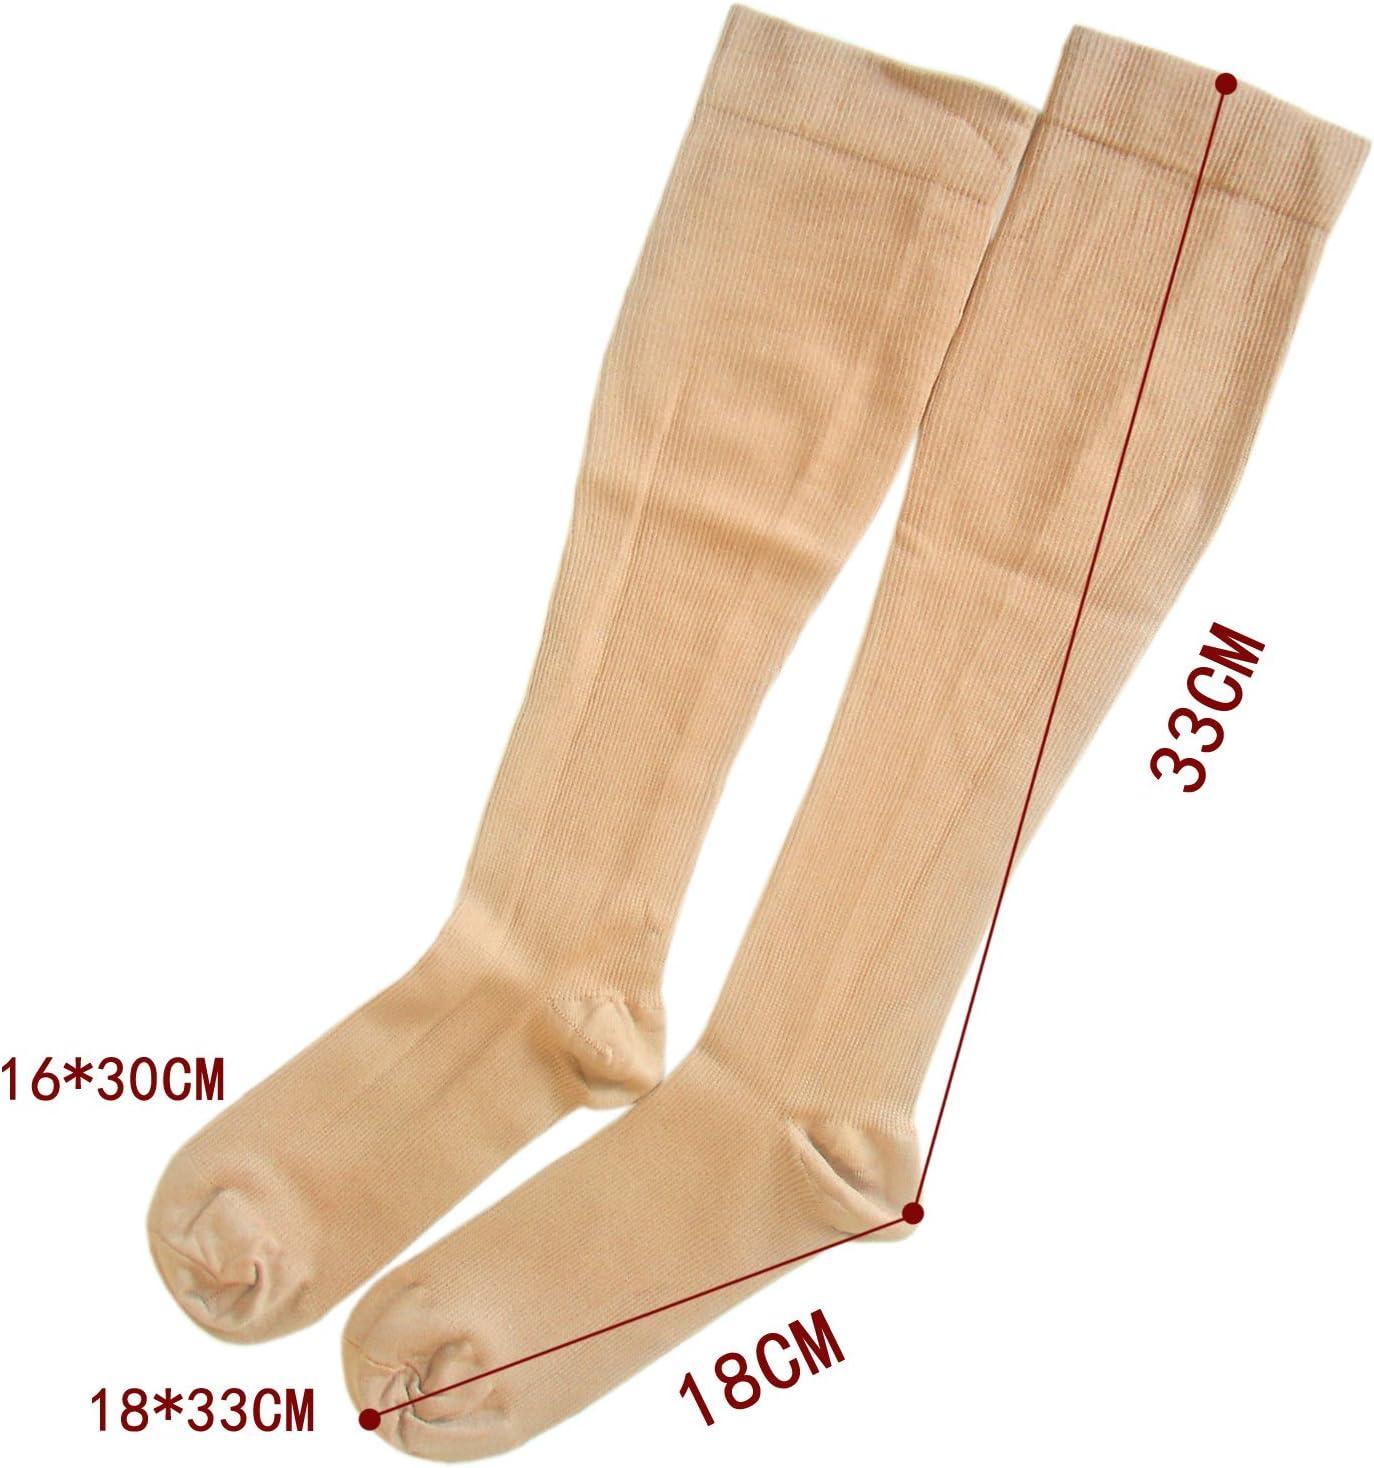 unisex calze a compressione test di laboratorio approvato sostegno costante 35-38, nero